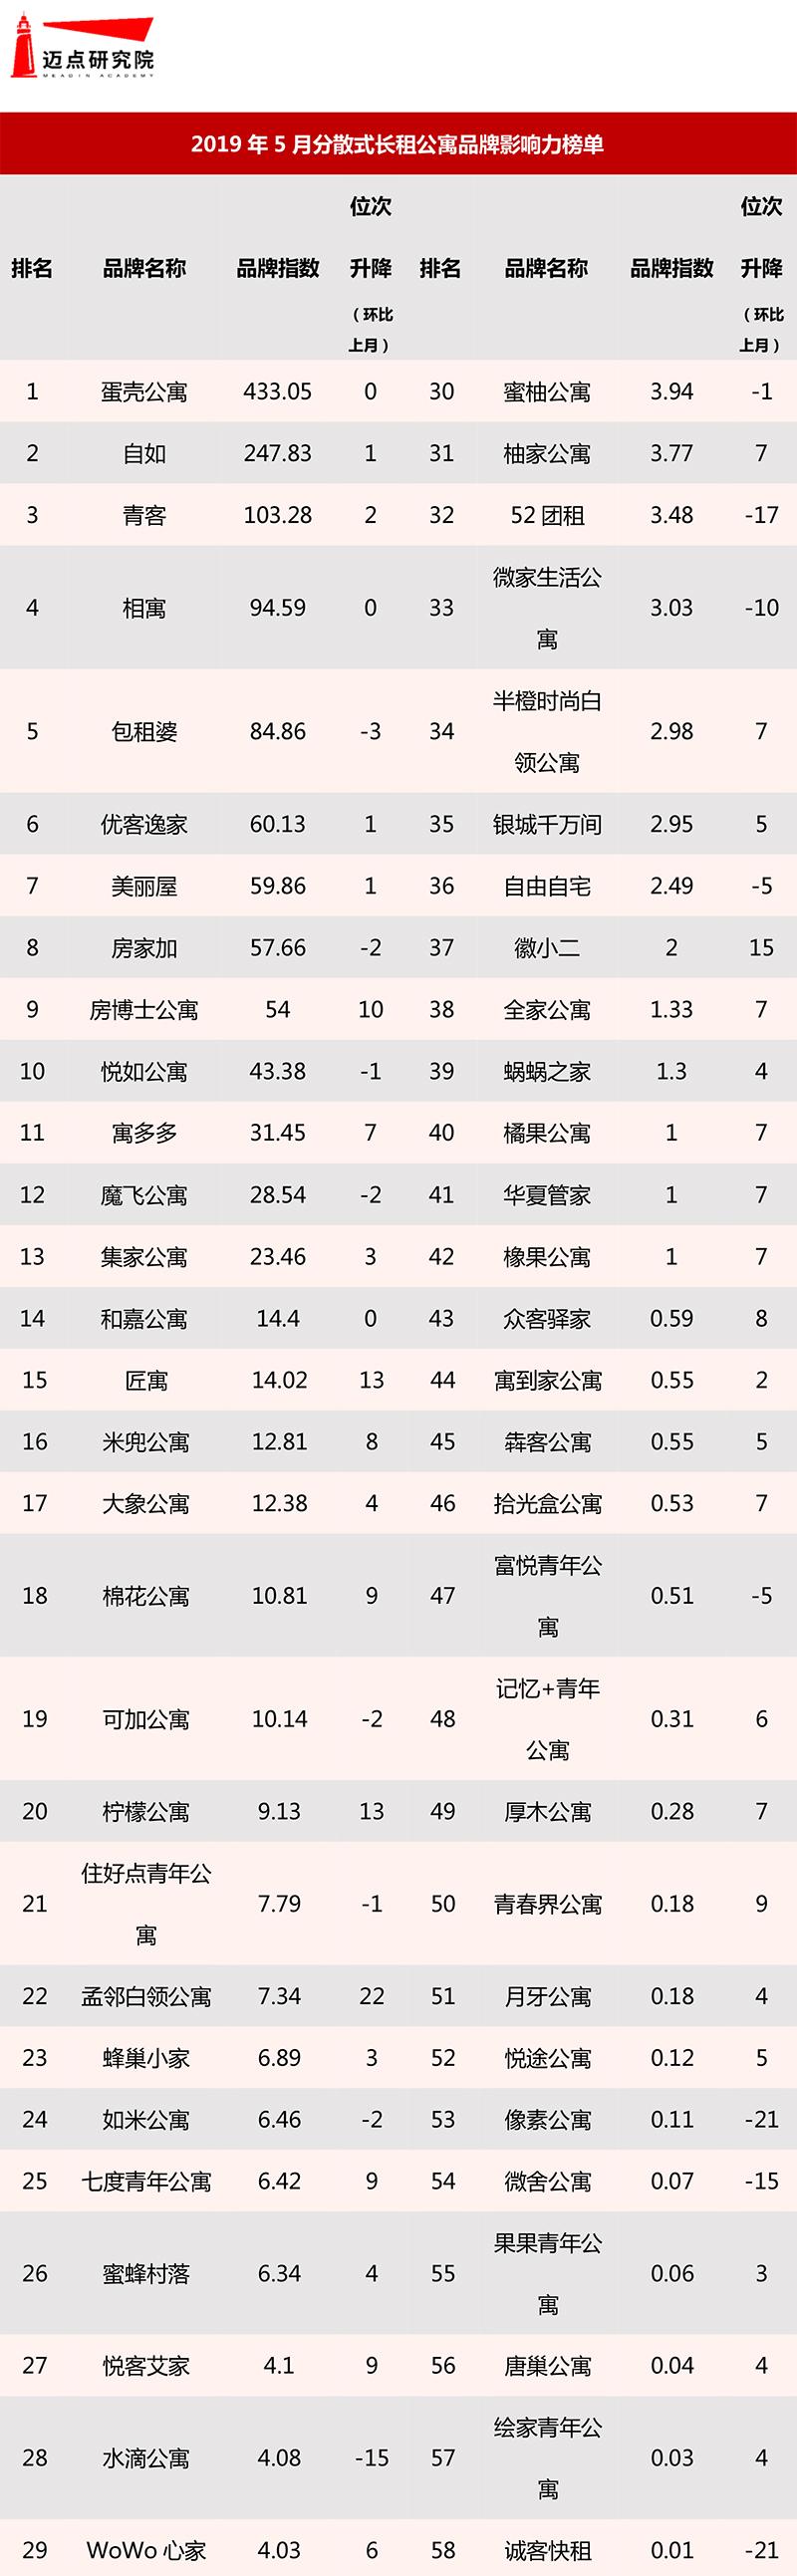 2019年5月集中式长租公寓品牌影响力榜单-5.jpg